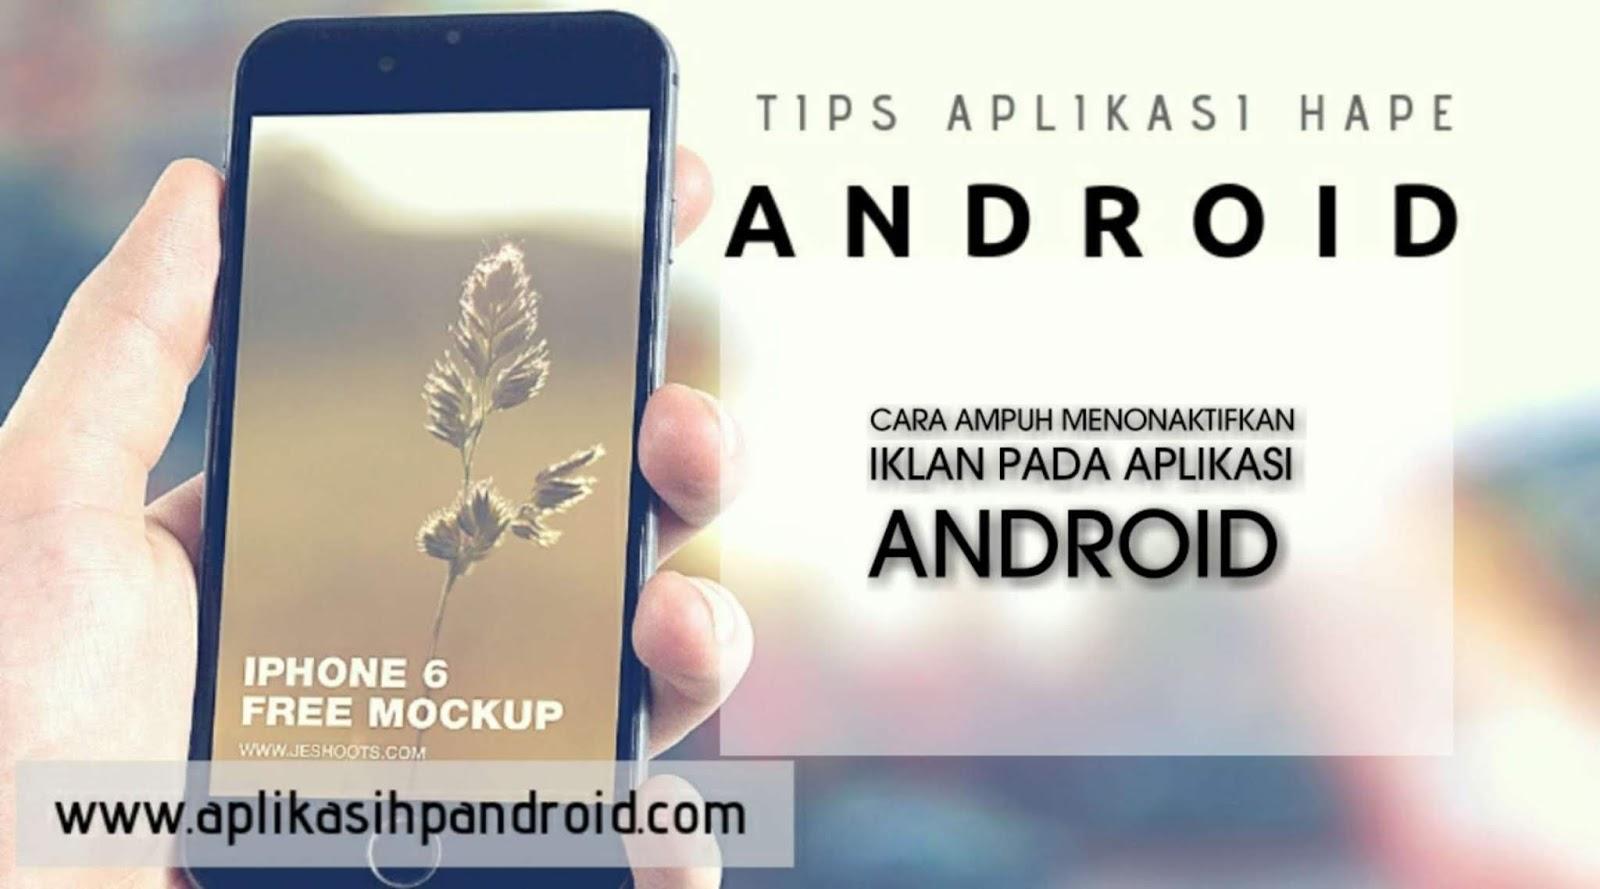 Cara ampuh menonaktifkan iklan pada Aplikasi Android